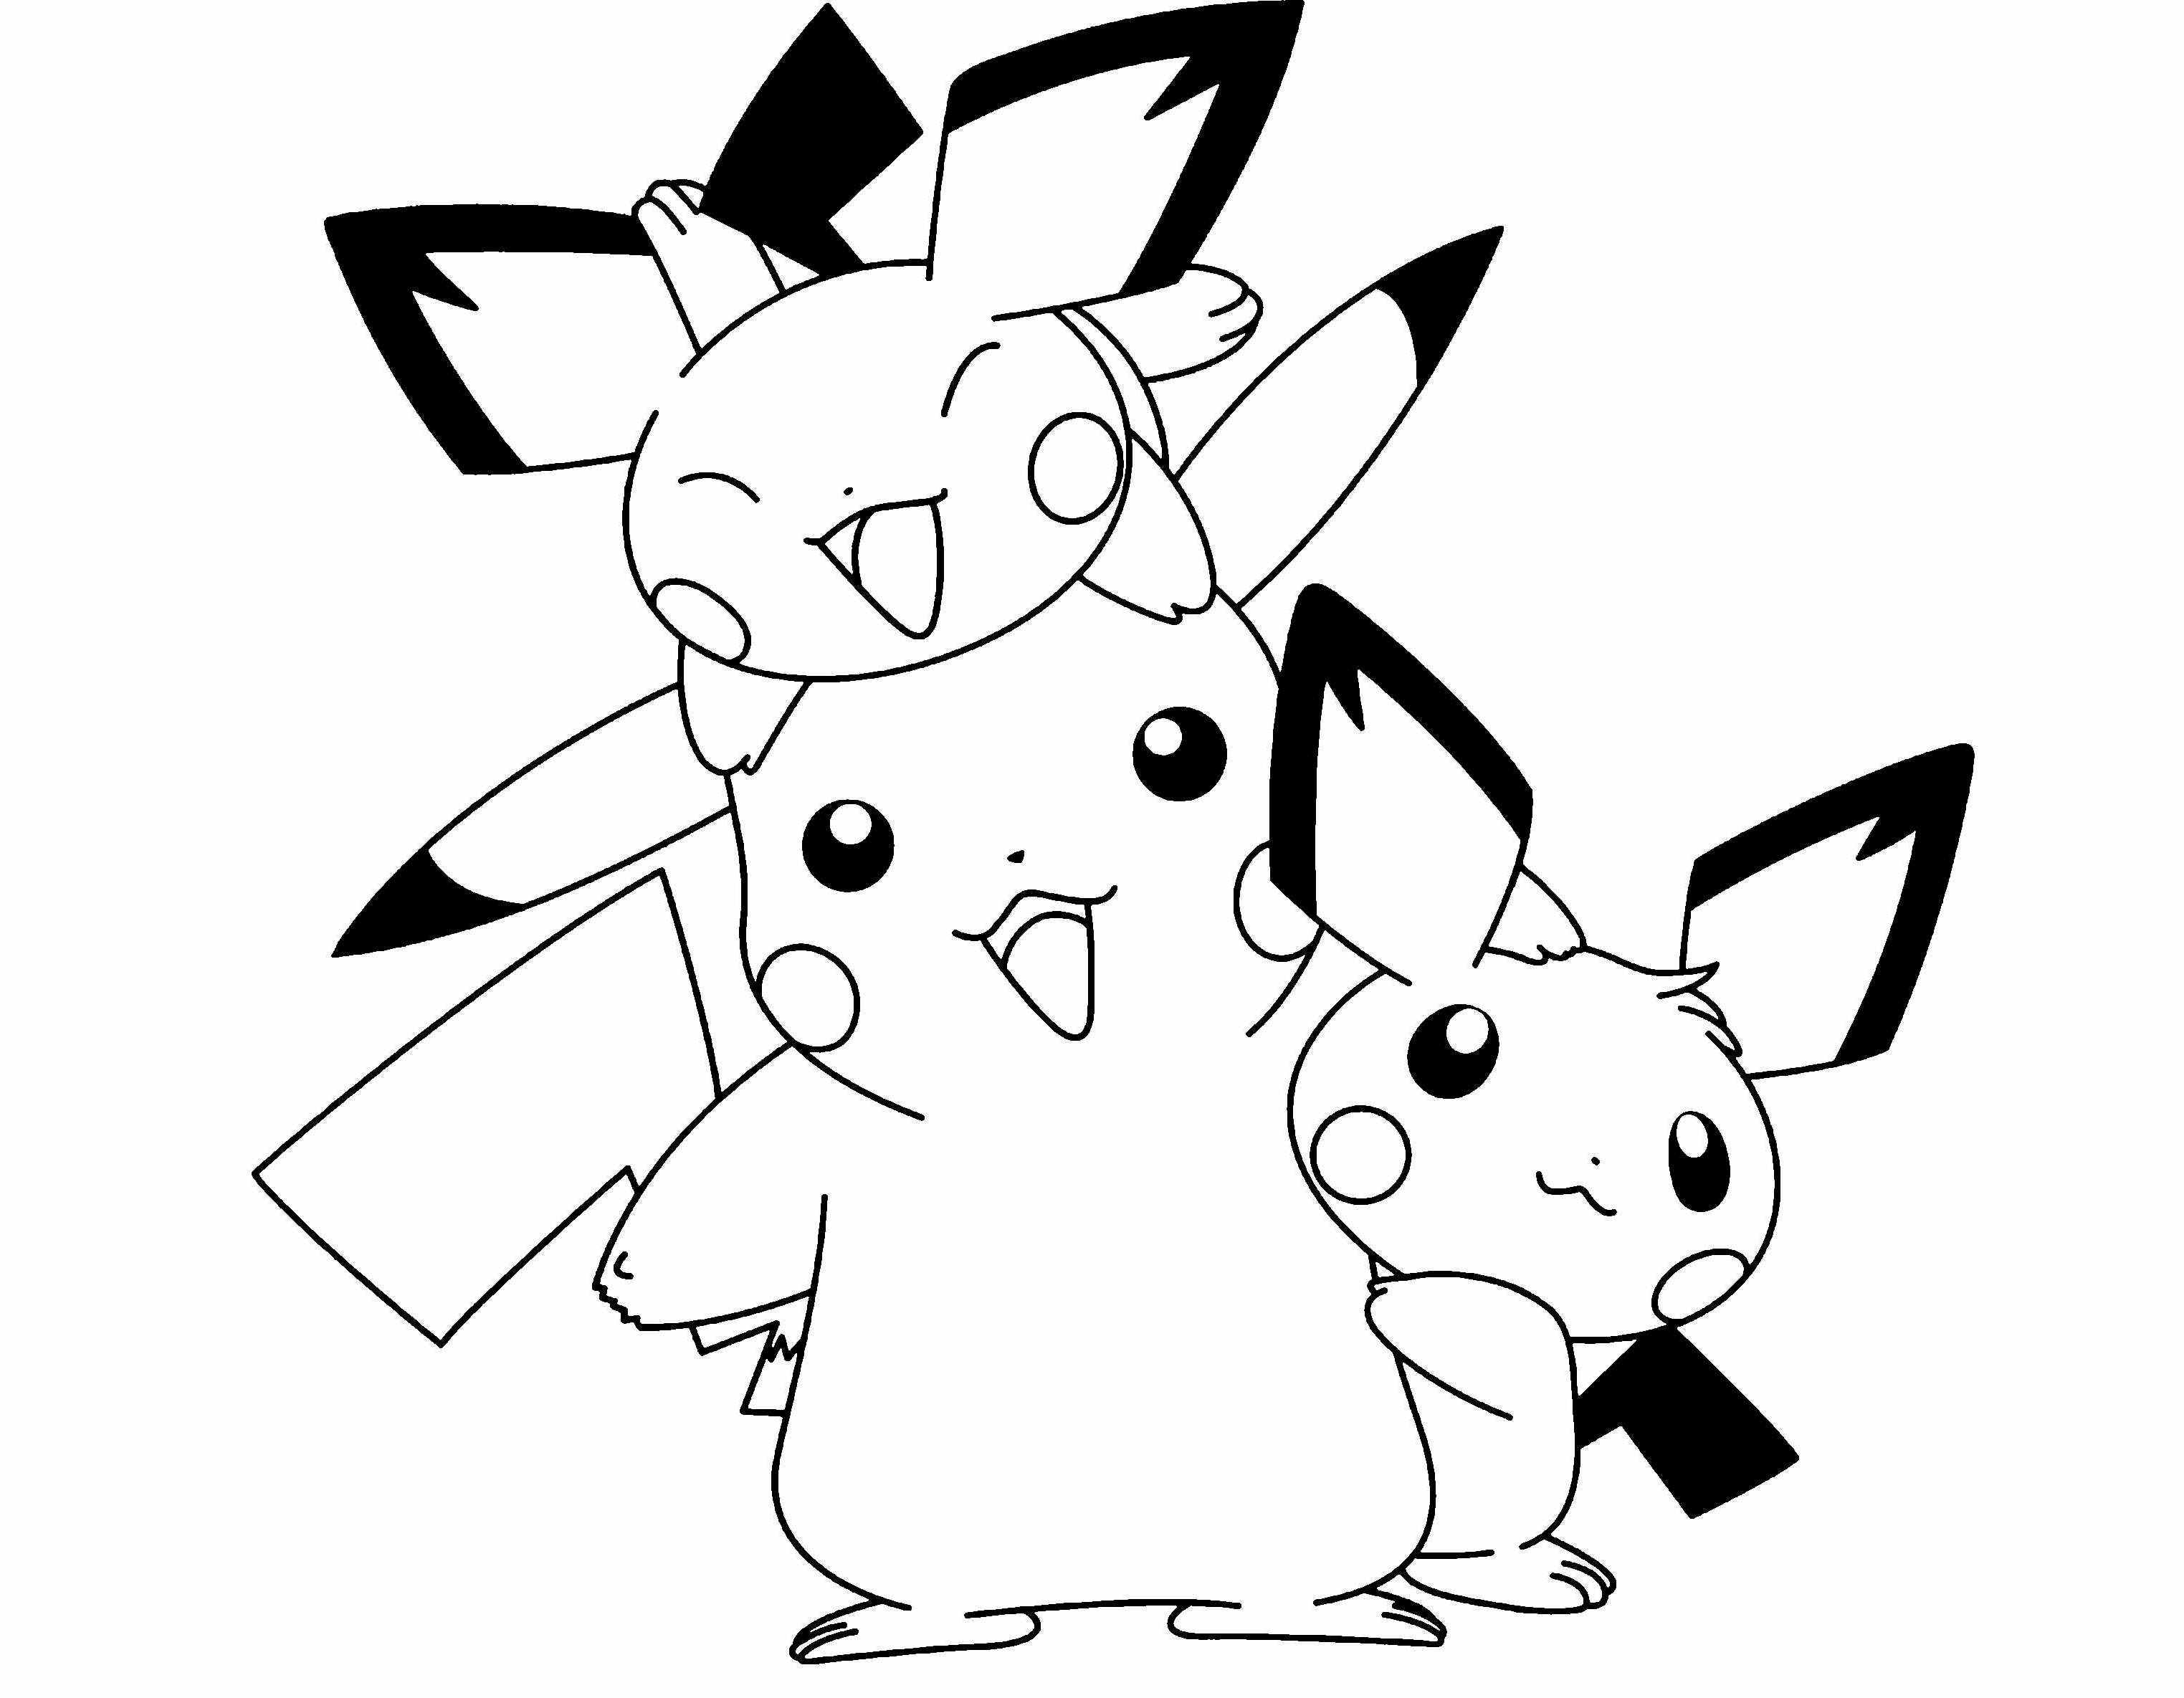 Dibujos Para Cortar Y Colorear: Dibujos Pikachu Para Dibujar, Imprimir, Colorear Y